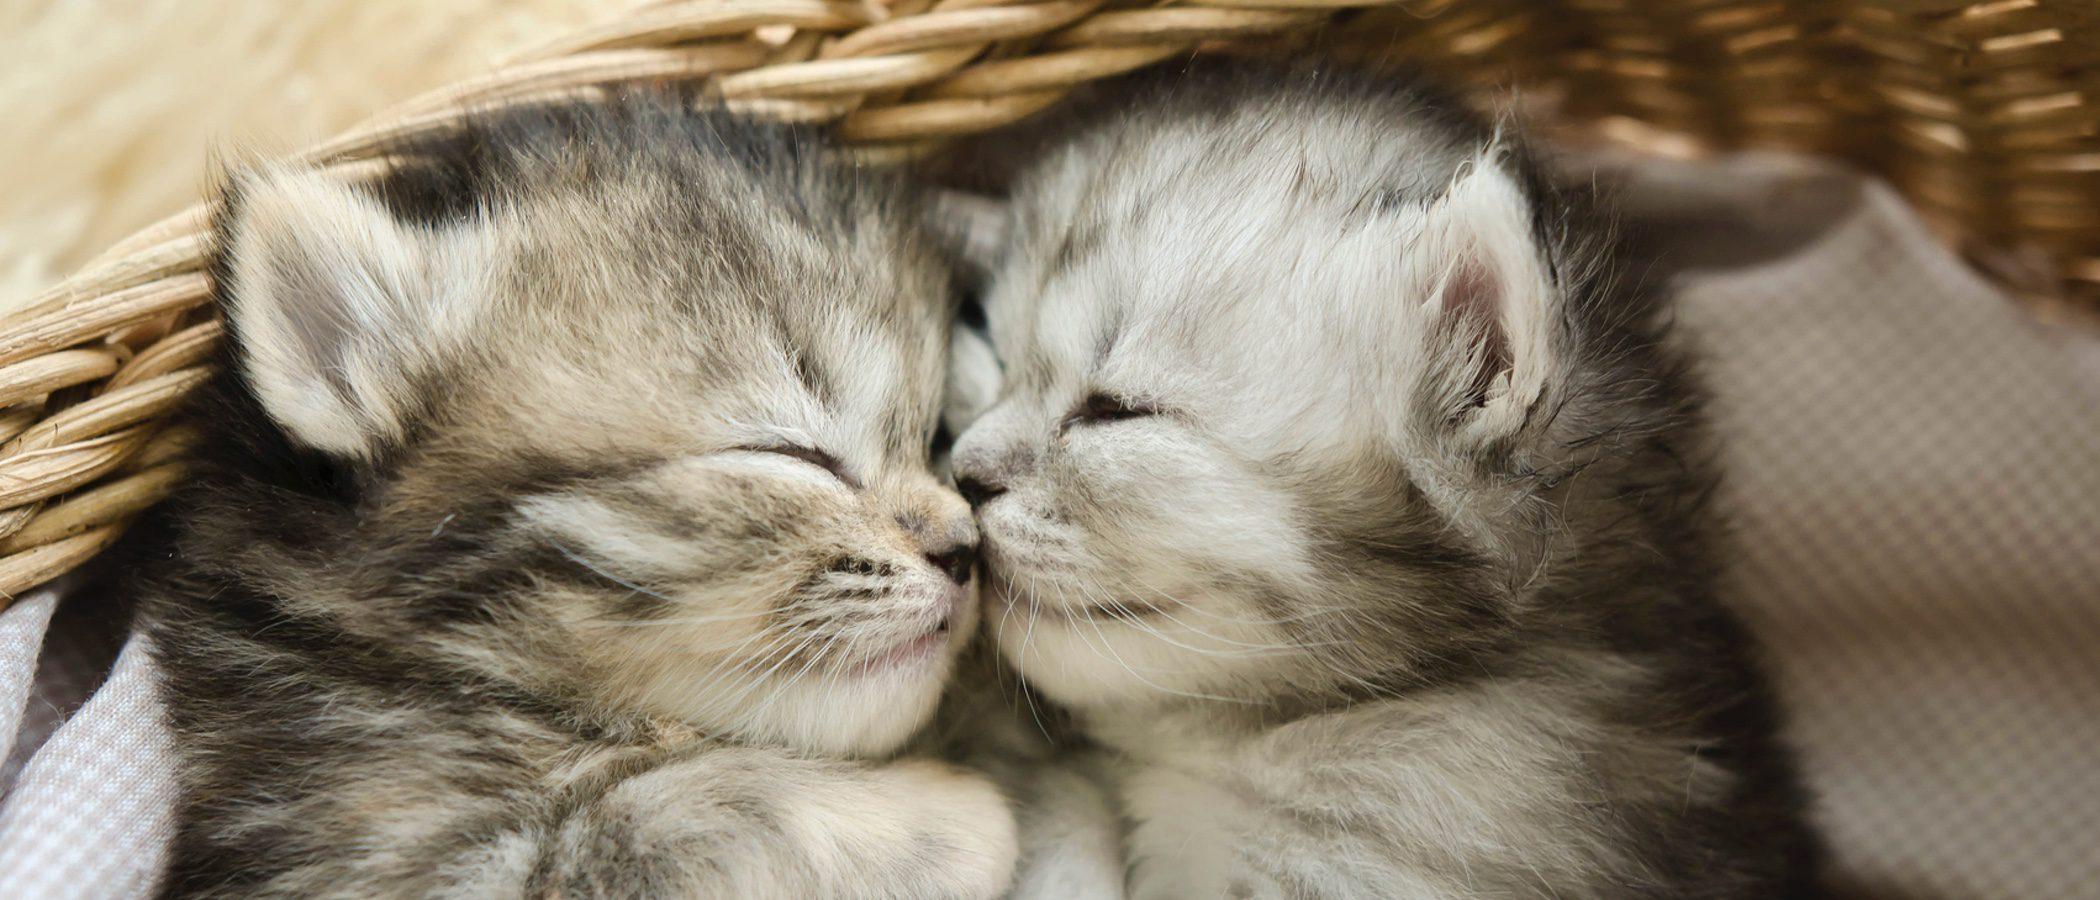 Consejos para cuidar a un gato recién nacido prematuro